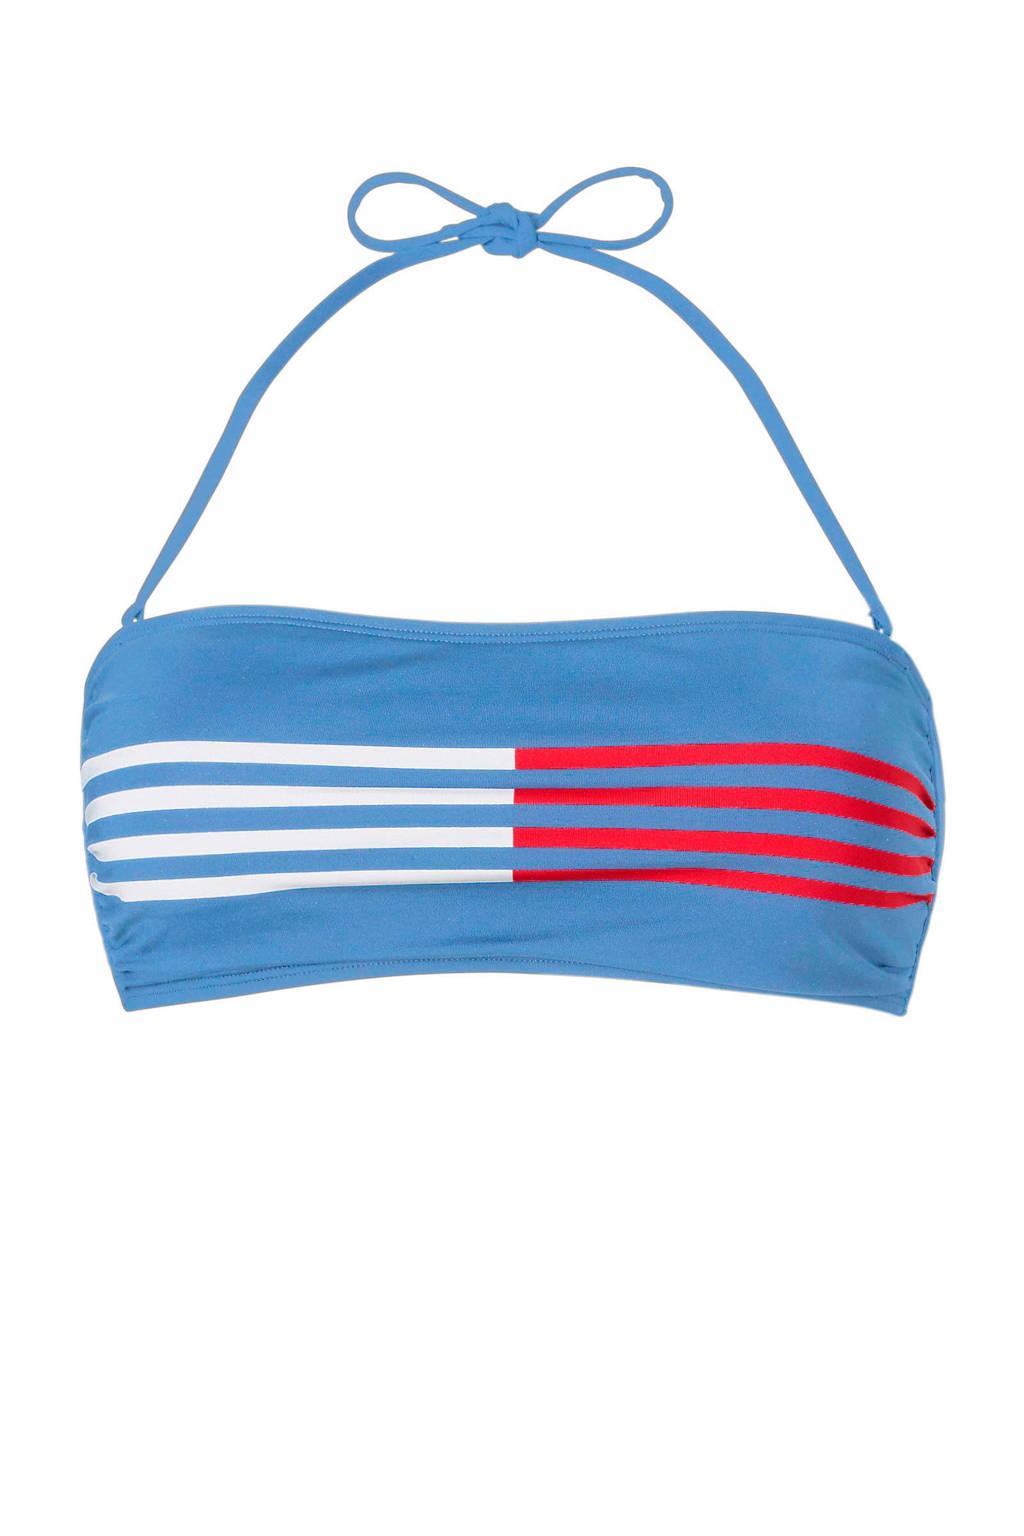 Tommy Hilfiger bandeau bikinitop met strepen lichtblauw, Lichtblauw/wit/rood